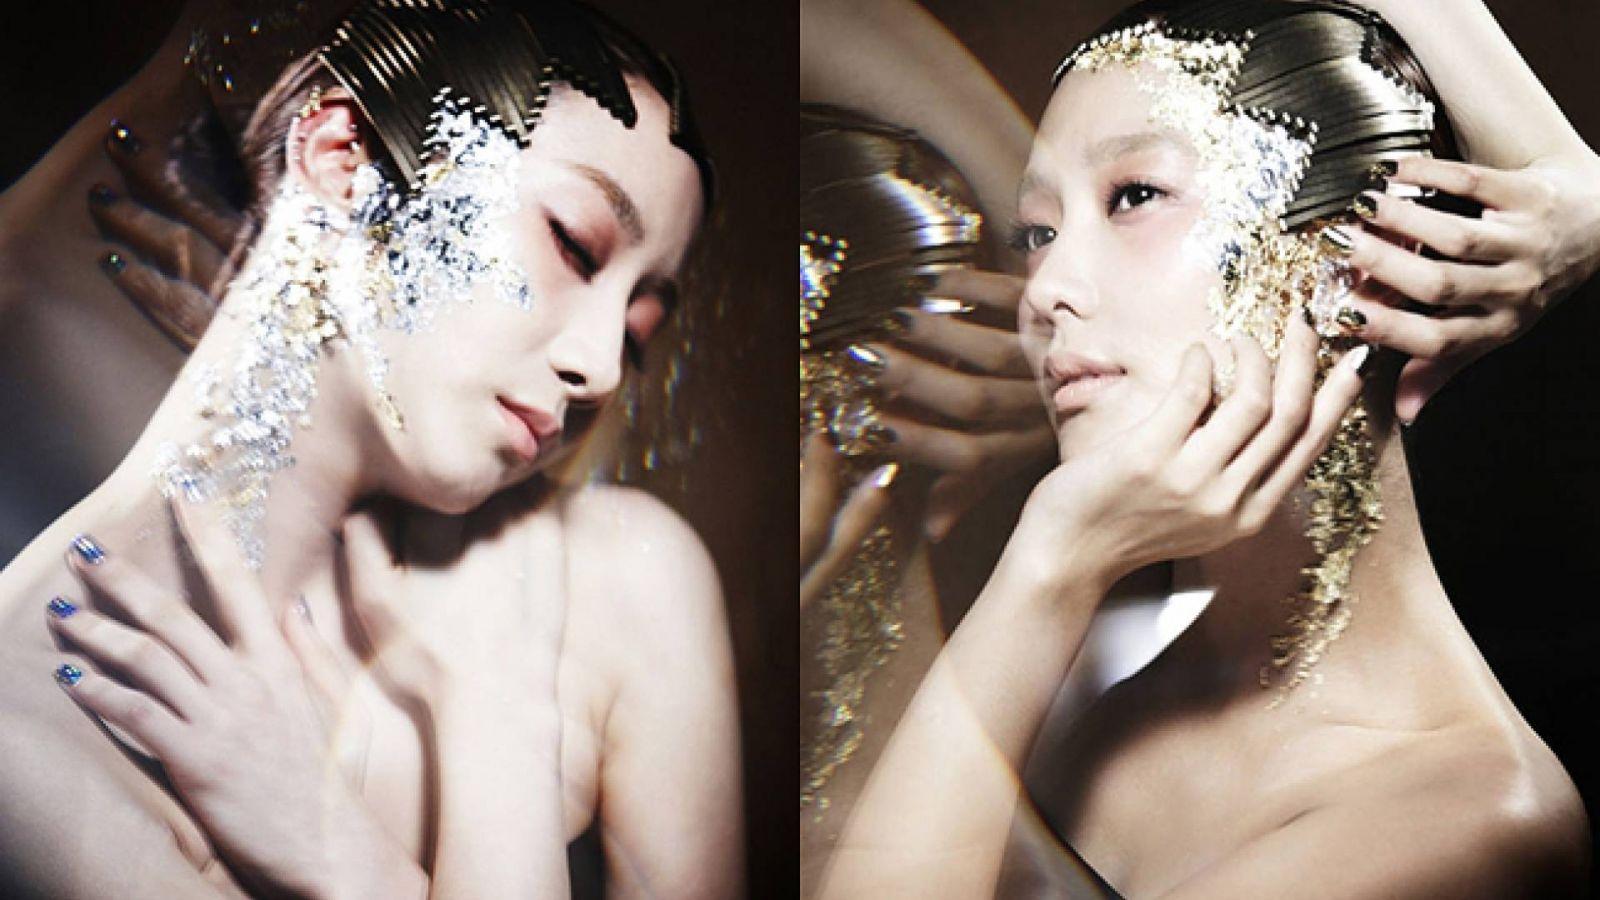 Le single digital de The Grace - Dana&Sunday bientôt révélé © SM Entertainment